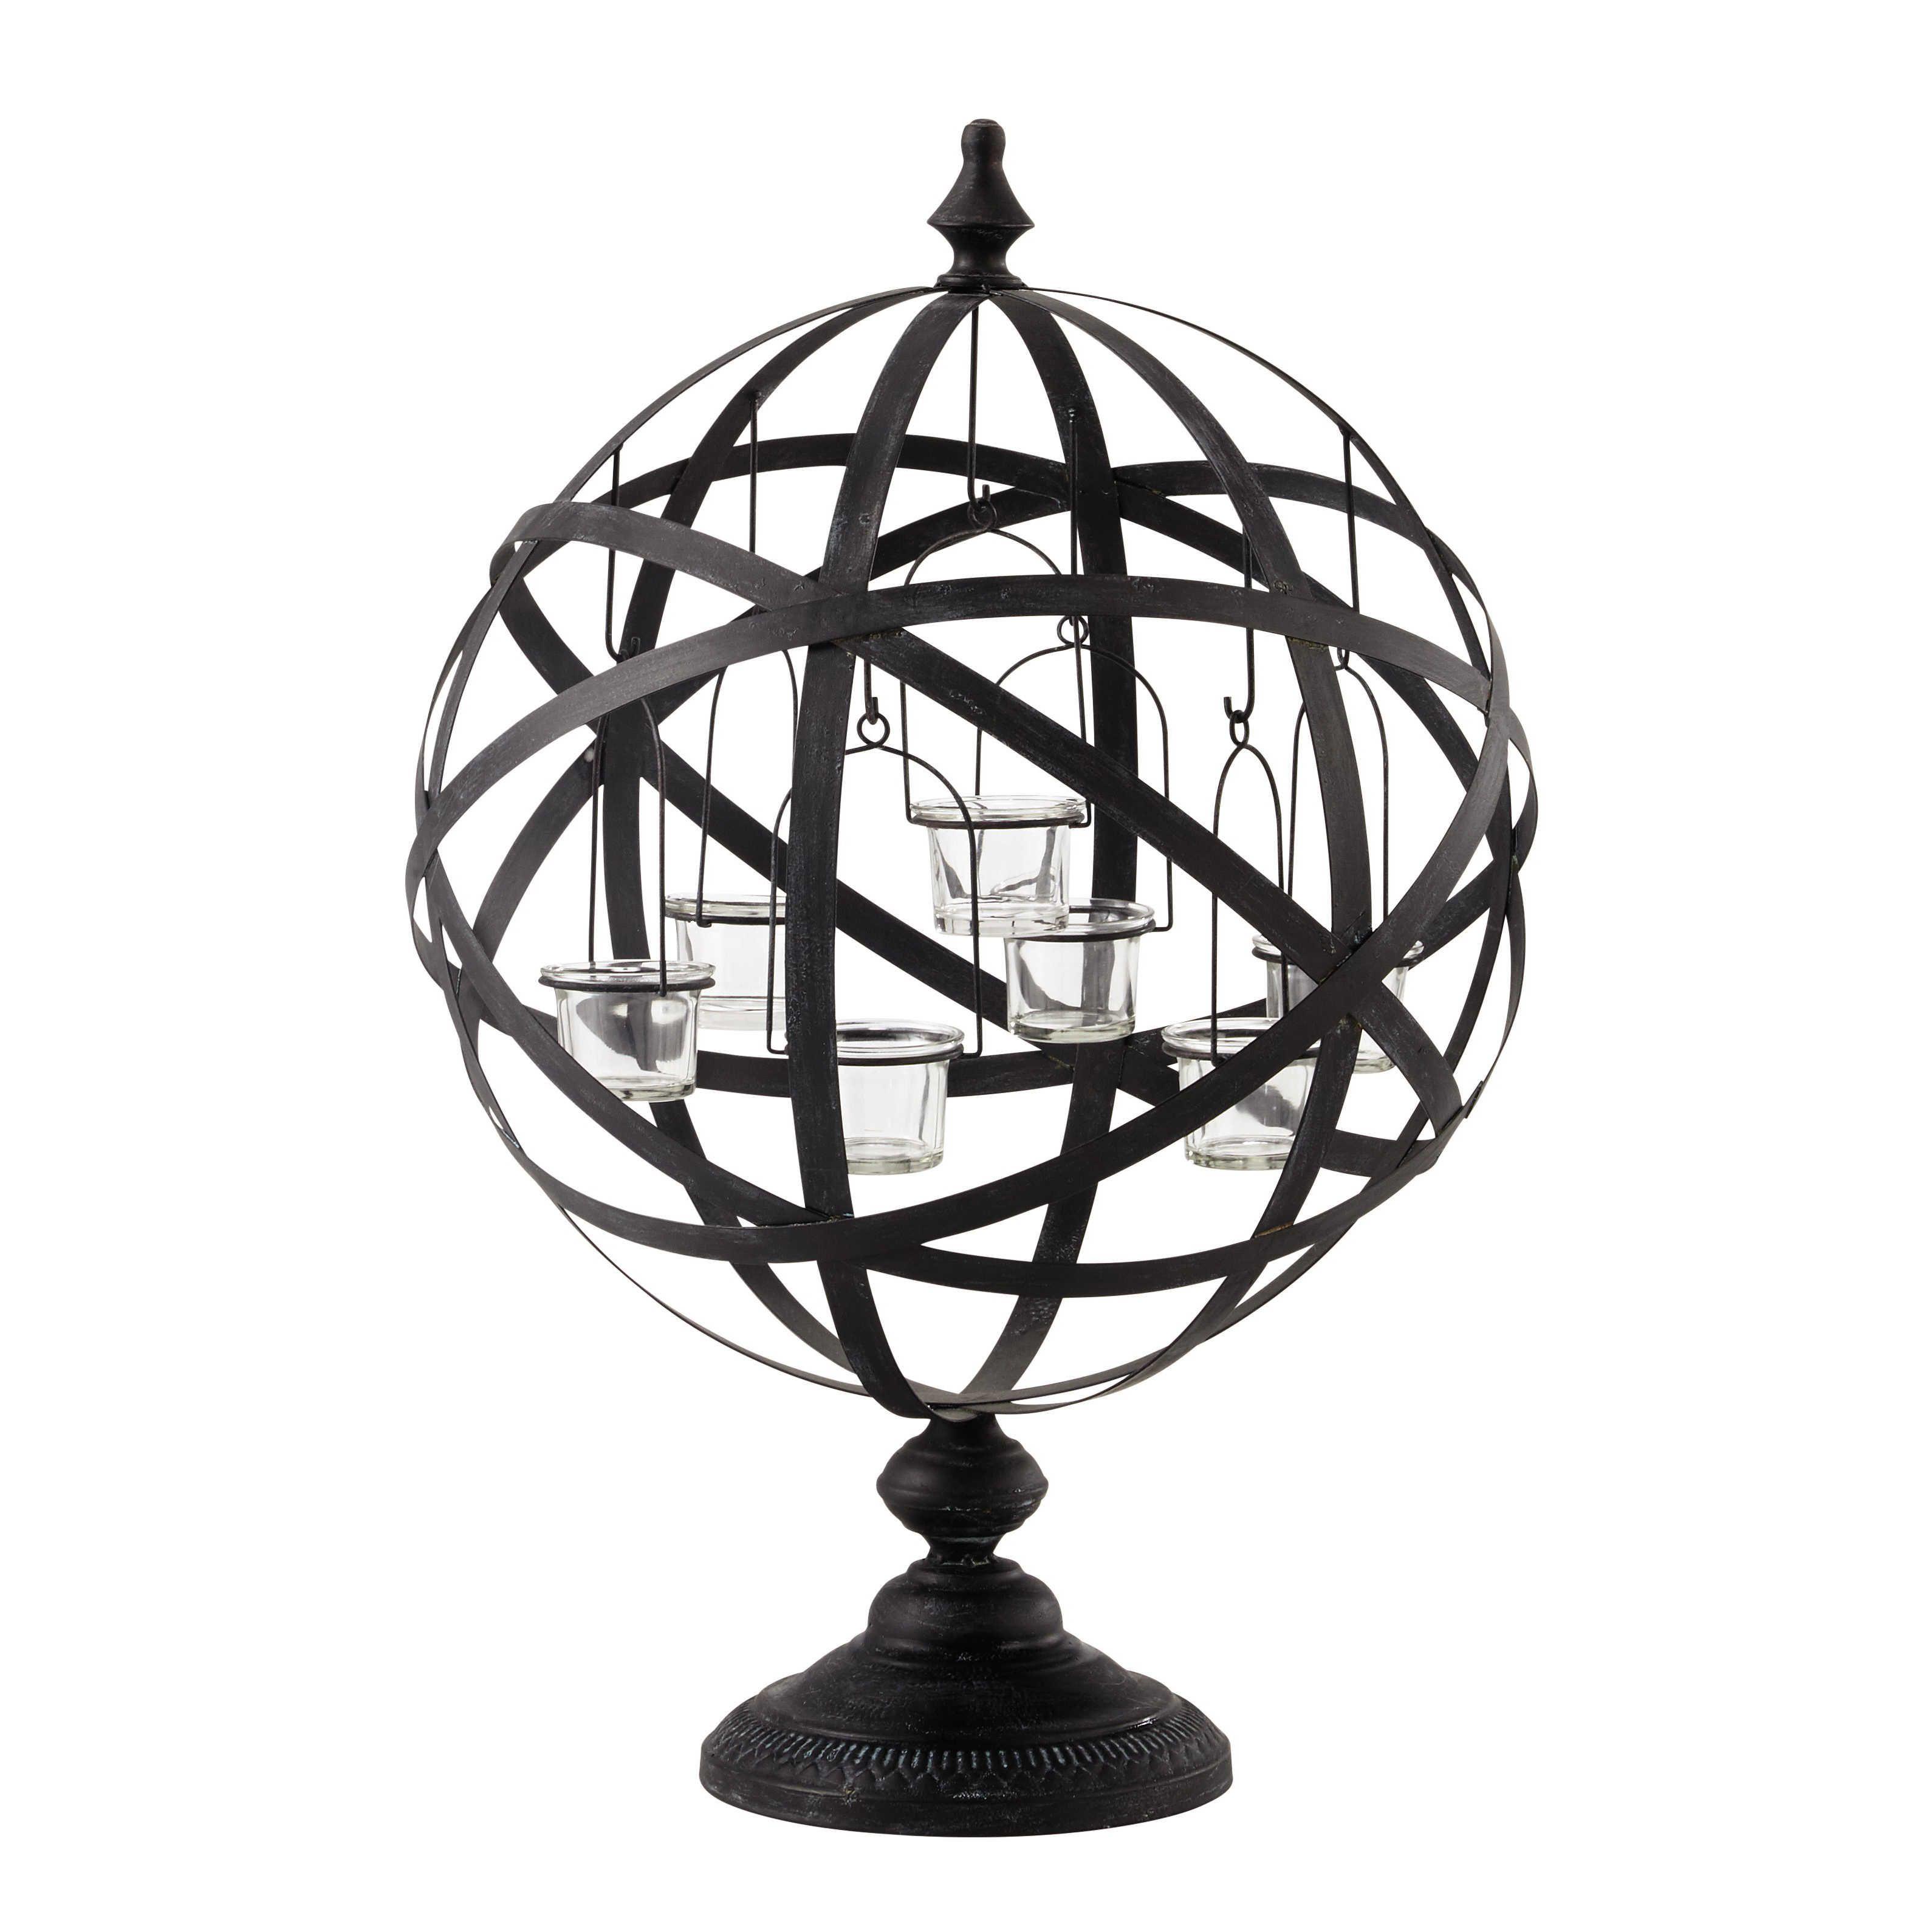 Bougeoir en métal H 7 cm CENTRAL PARK BLACK | Maison du monde ...